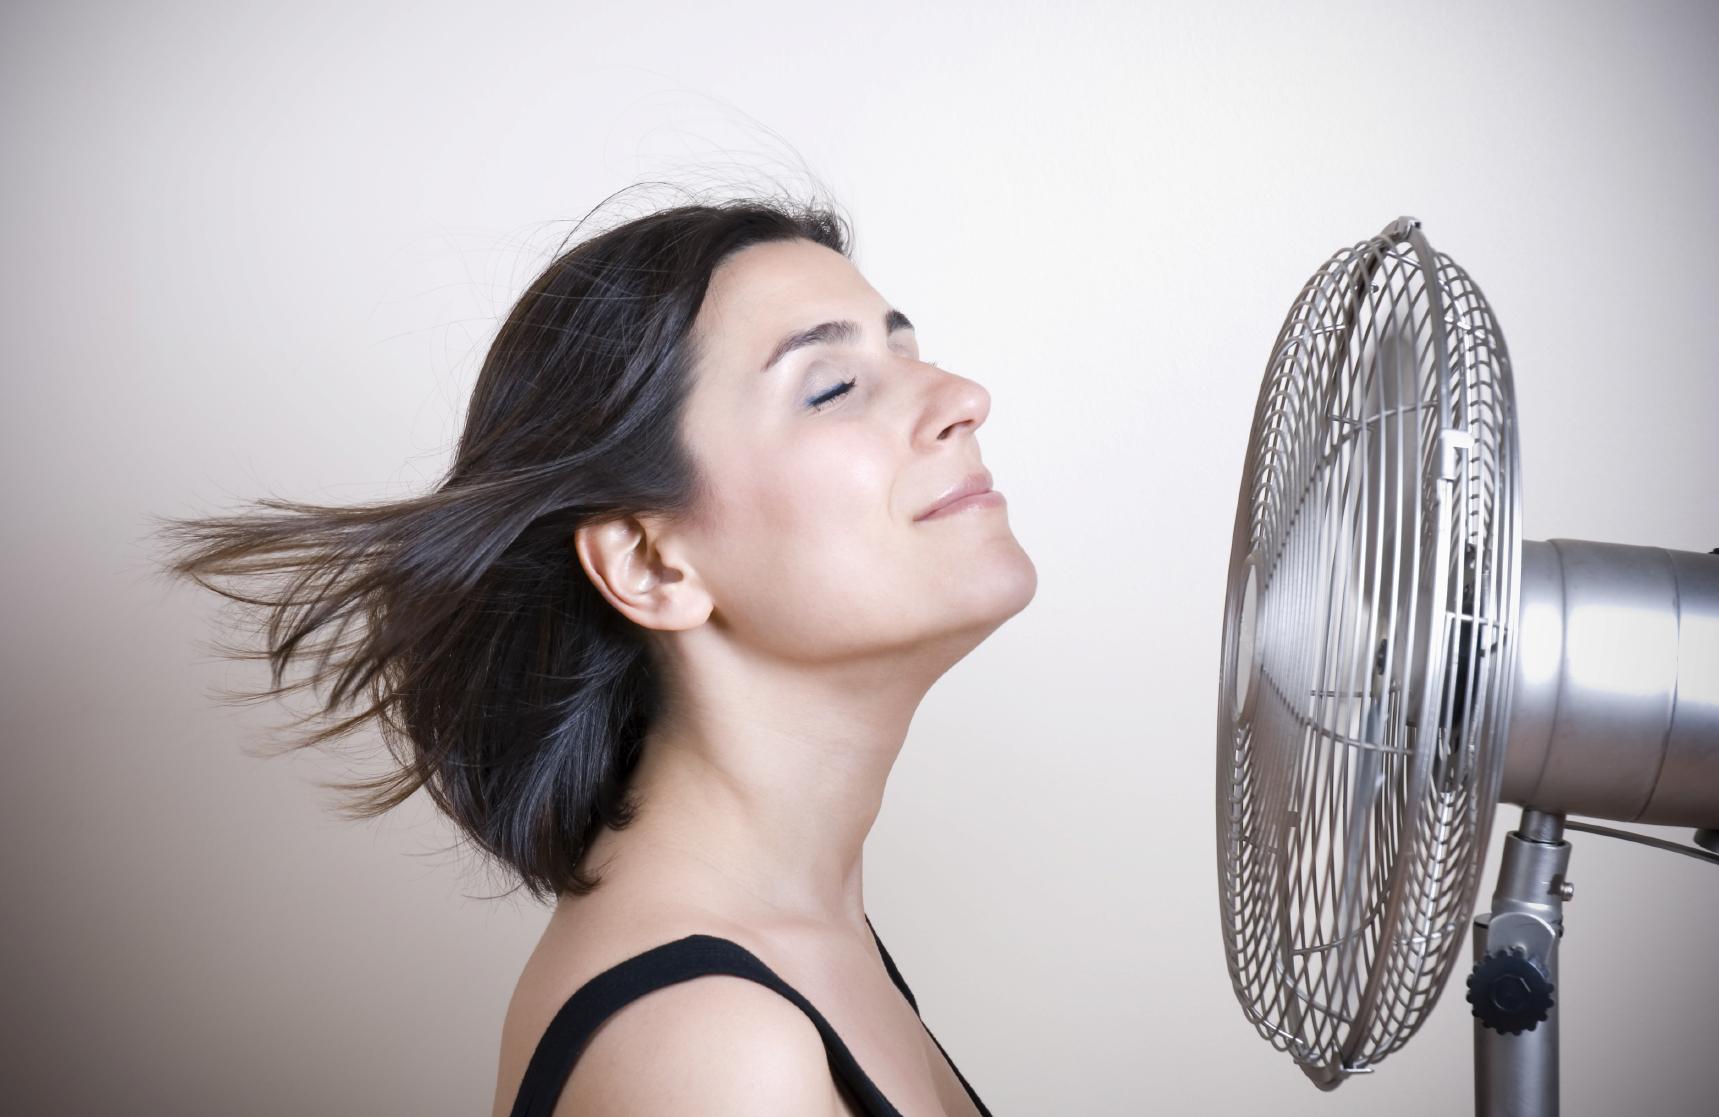 Faltará frio no inverno: estação deverá ser de clima seco e mais ...